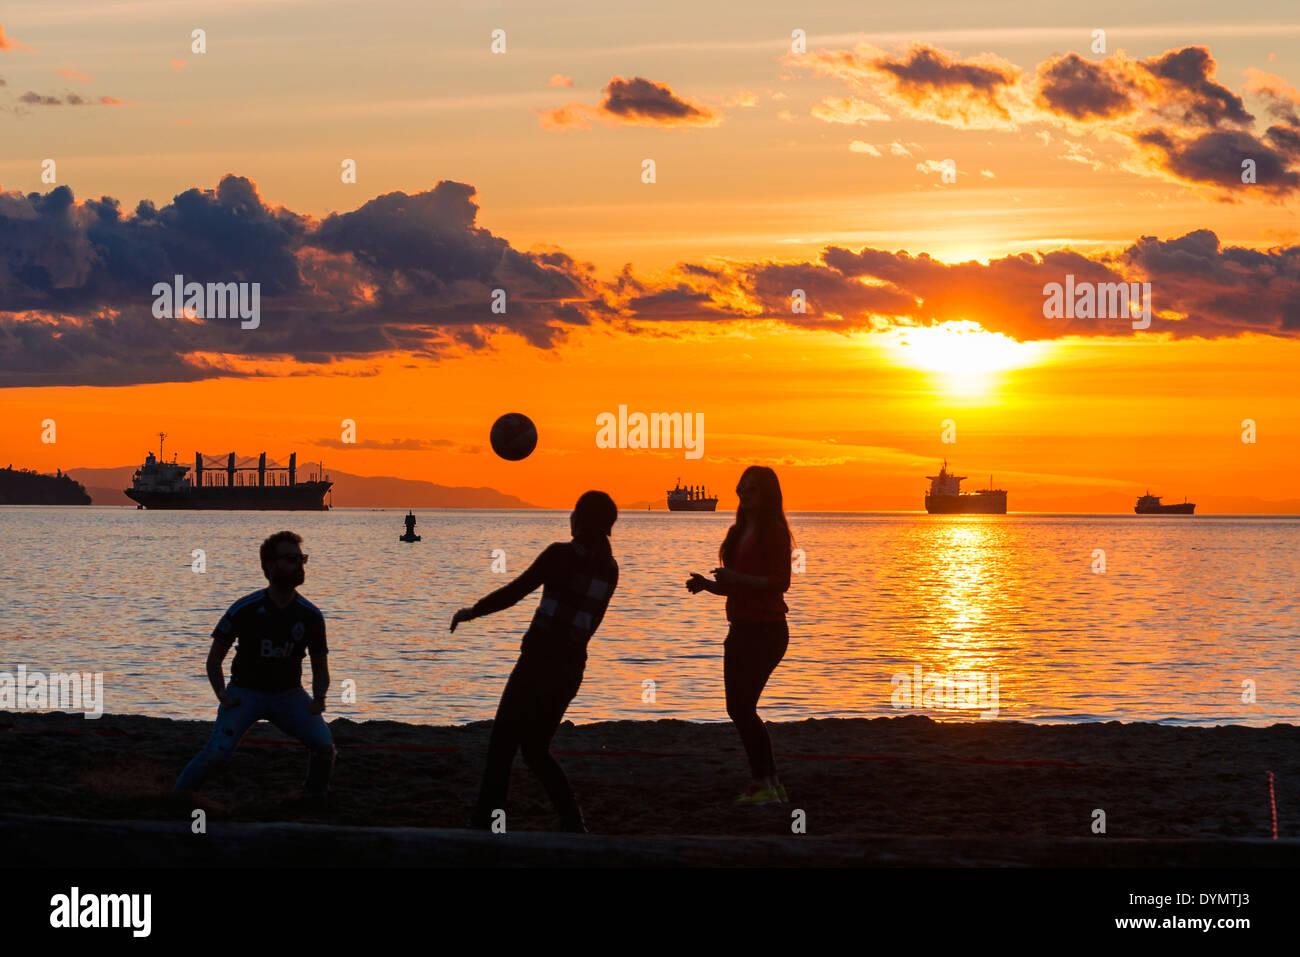 Un juego de voleibol de playa al atardecer, la playa de English Bay, Vancouver, British Columbia, Canadá Imagen De Stock